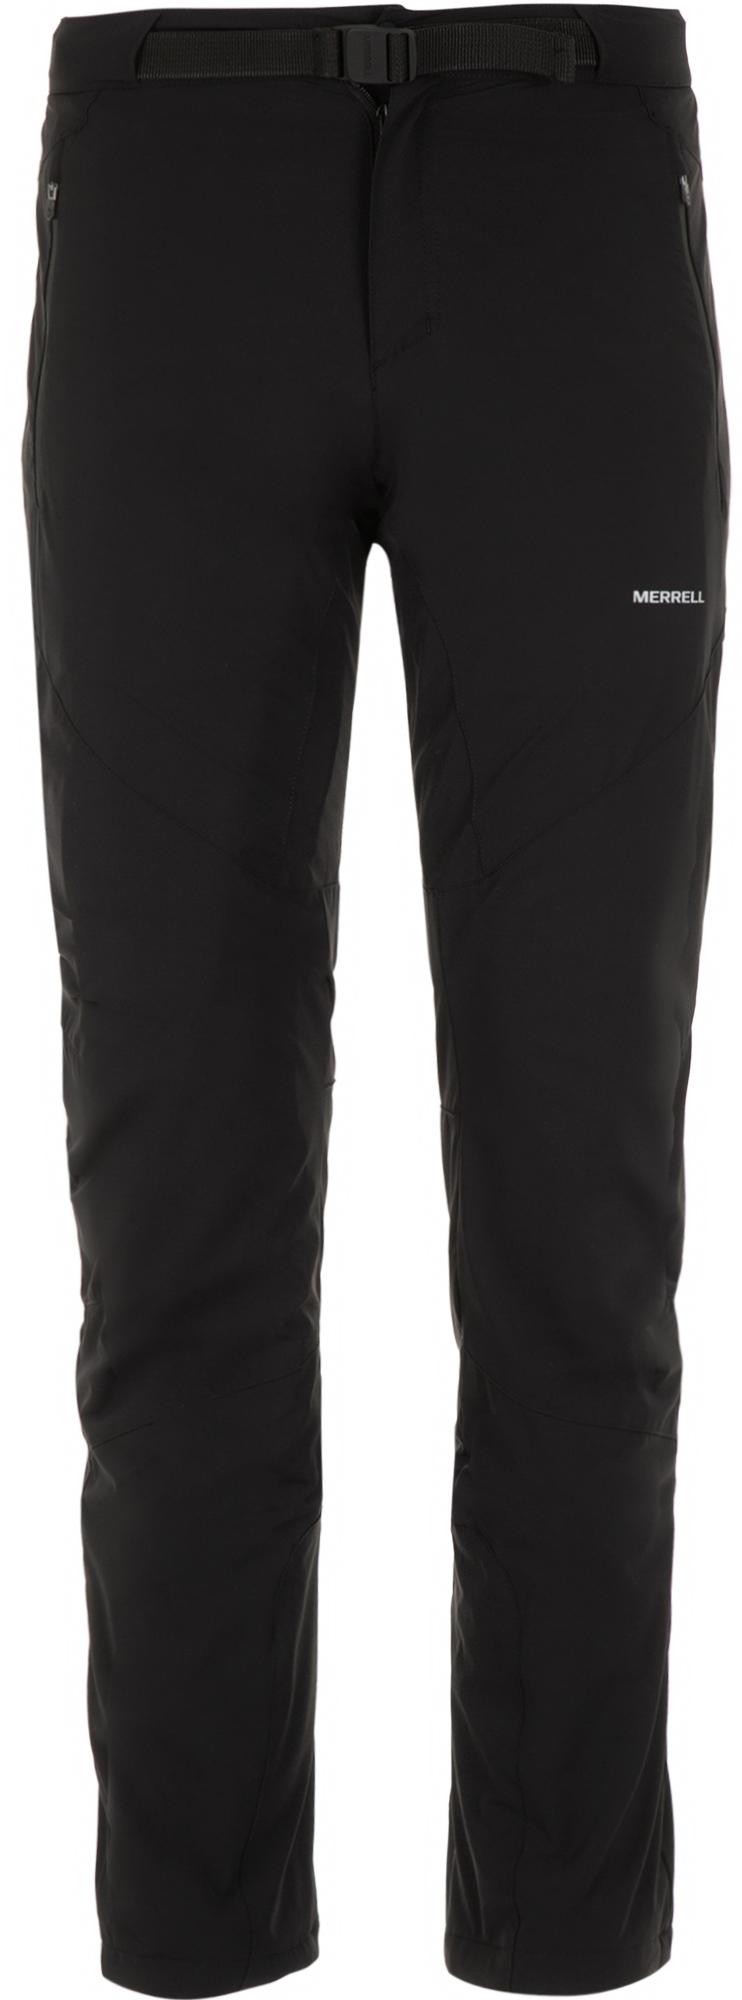 Merrell Брюки утепленные мужские Merrell, размер 46 брюки akimbo серый 46 размер